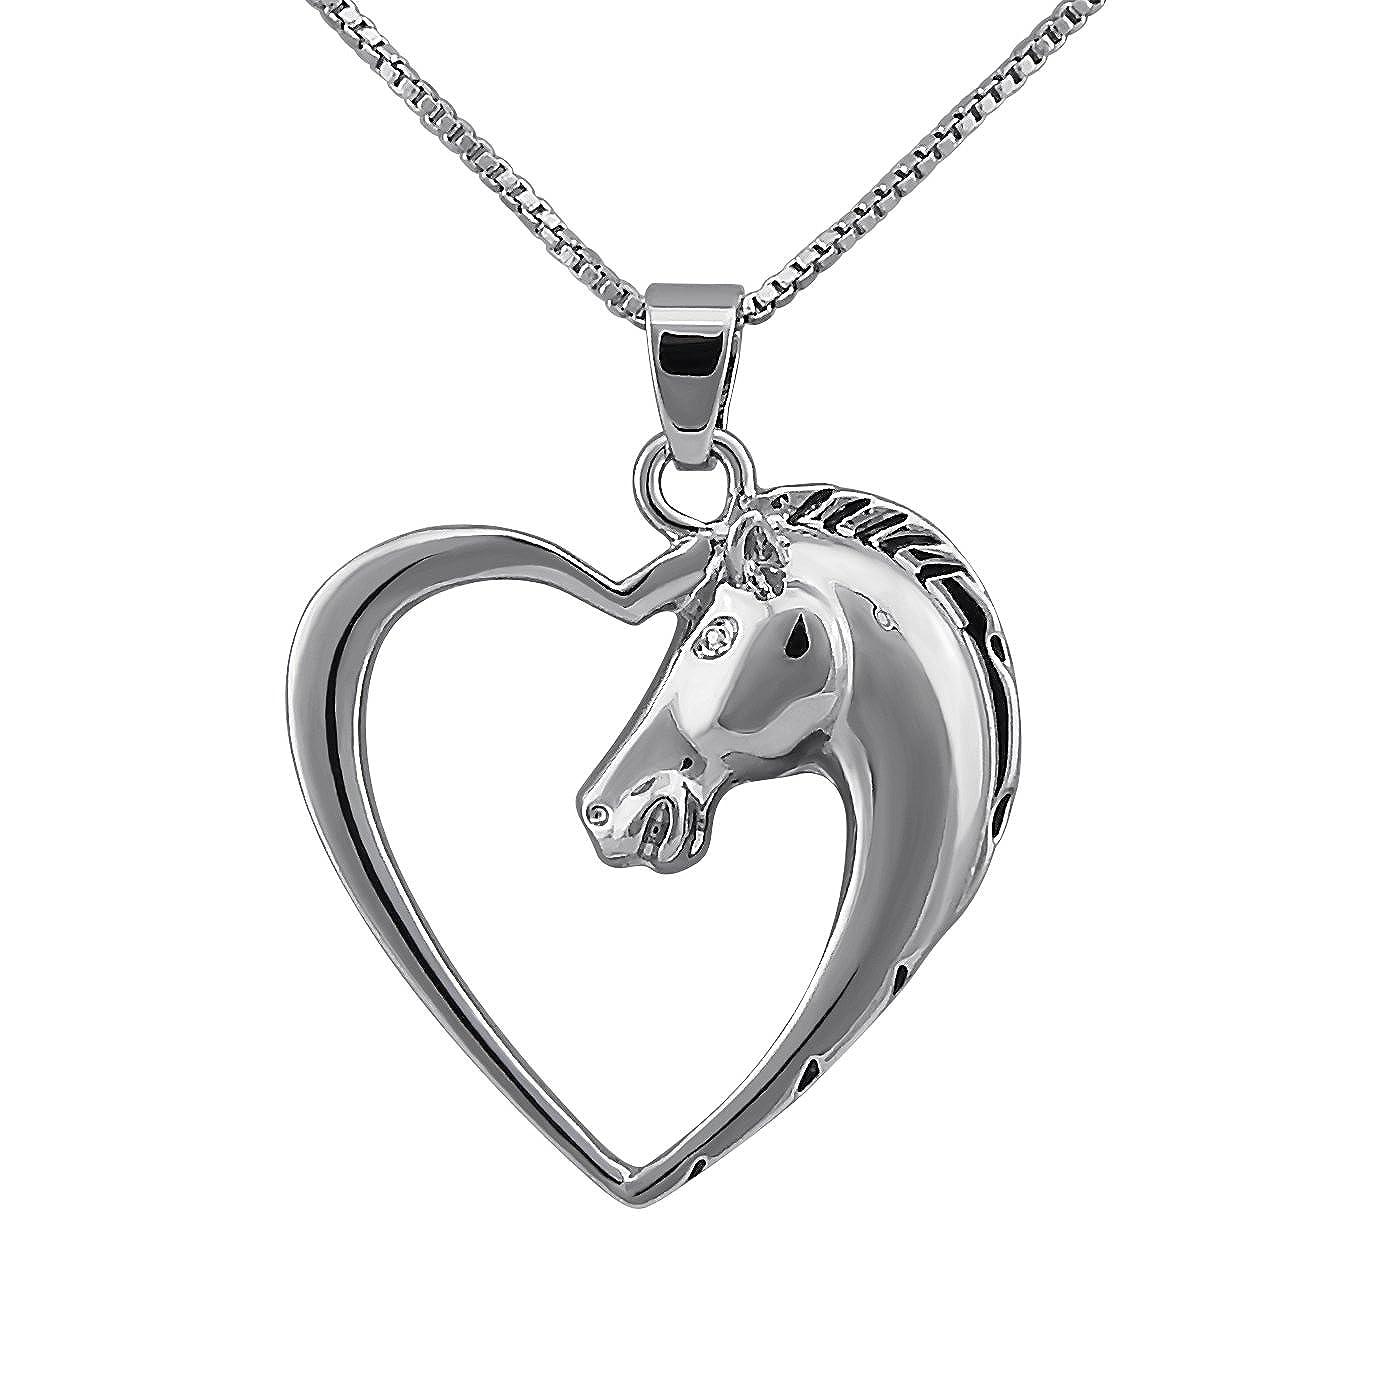 Kinder Armband Pferd Pony Reiten 925 Silber Armreifen Mädchen Damen